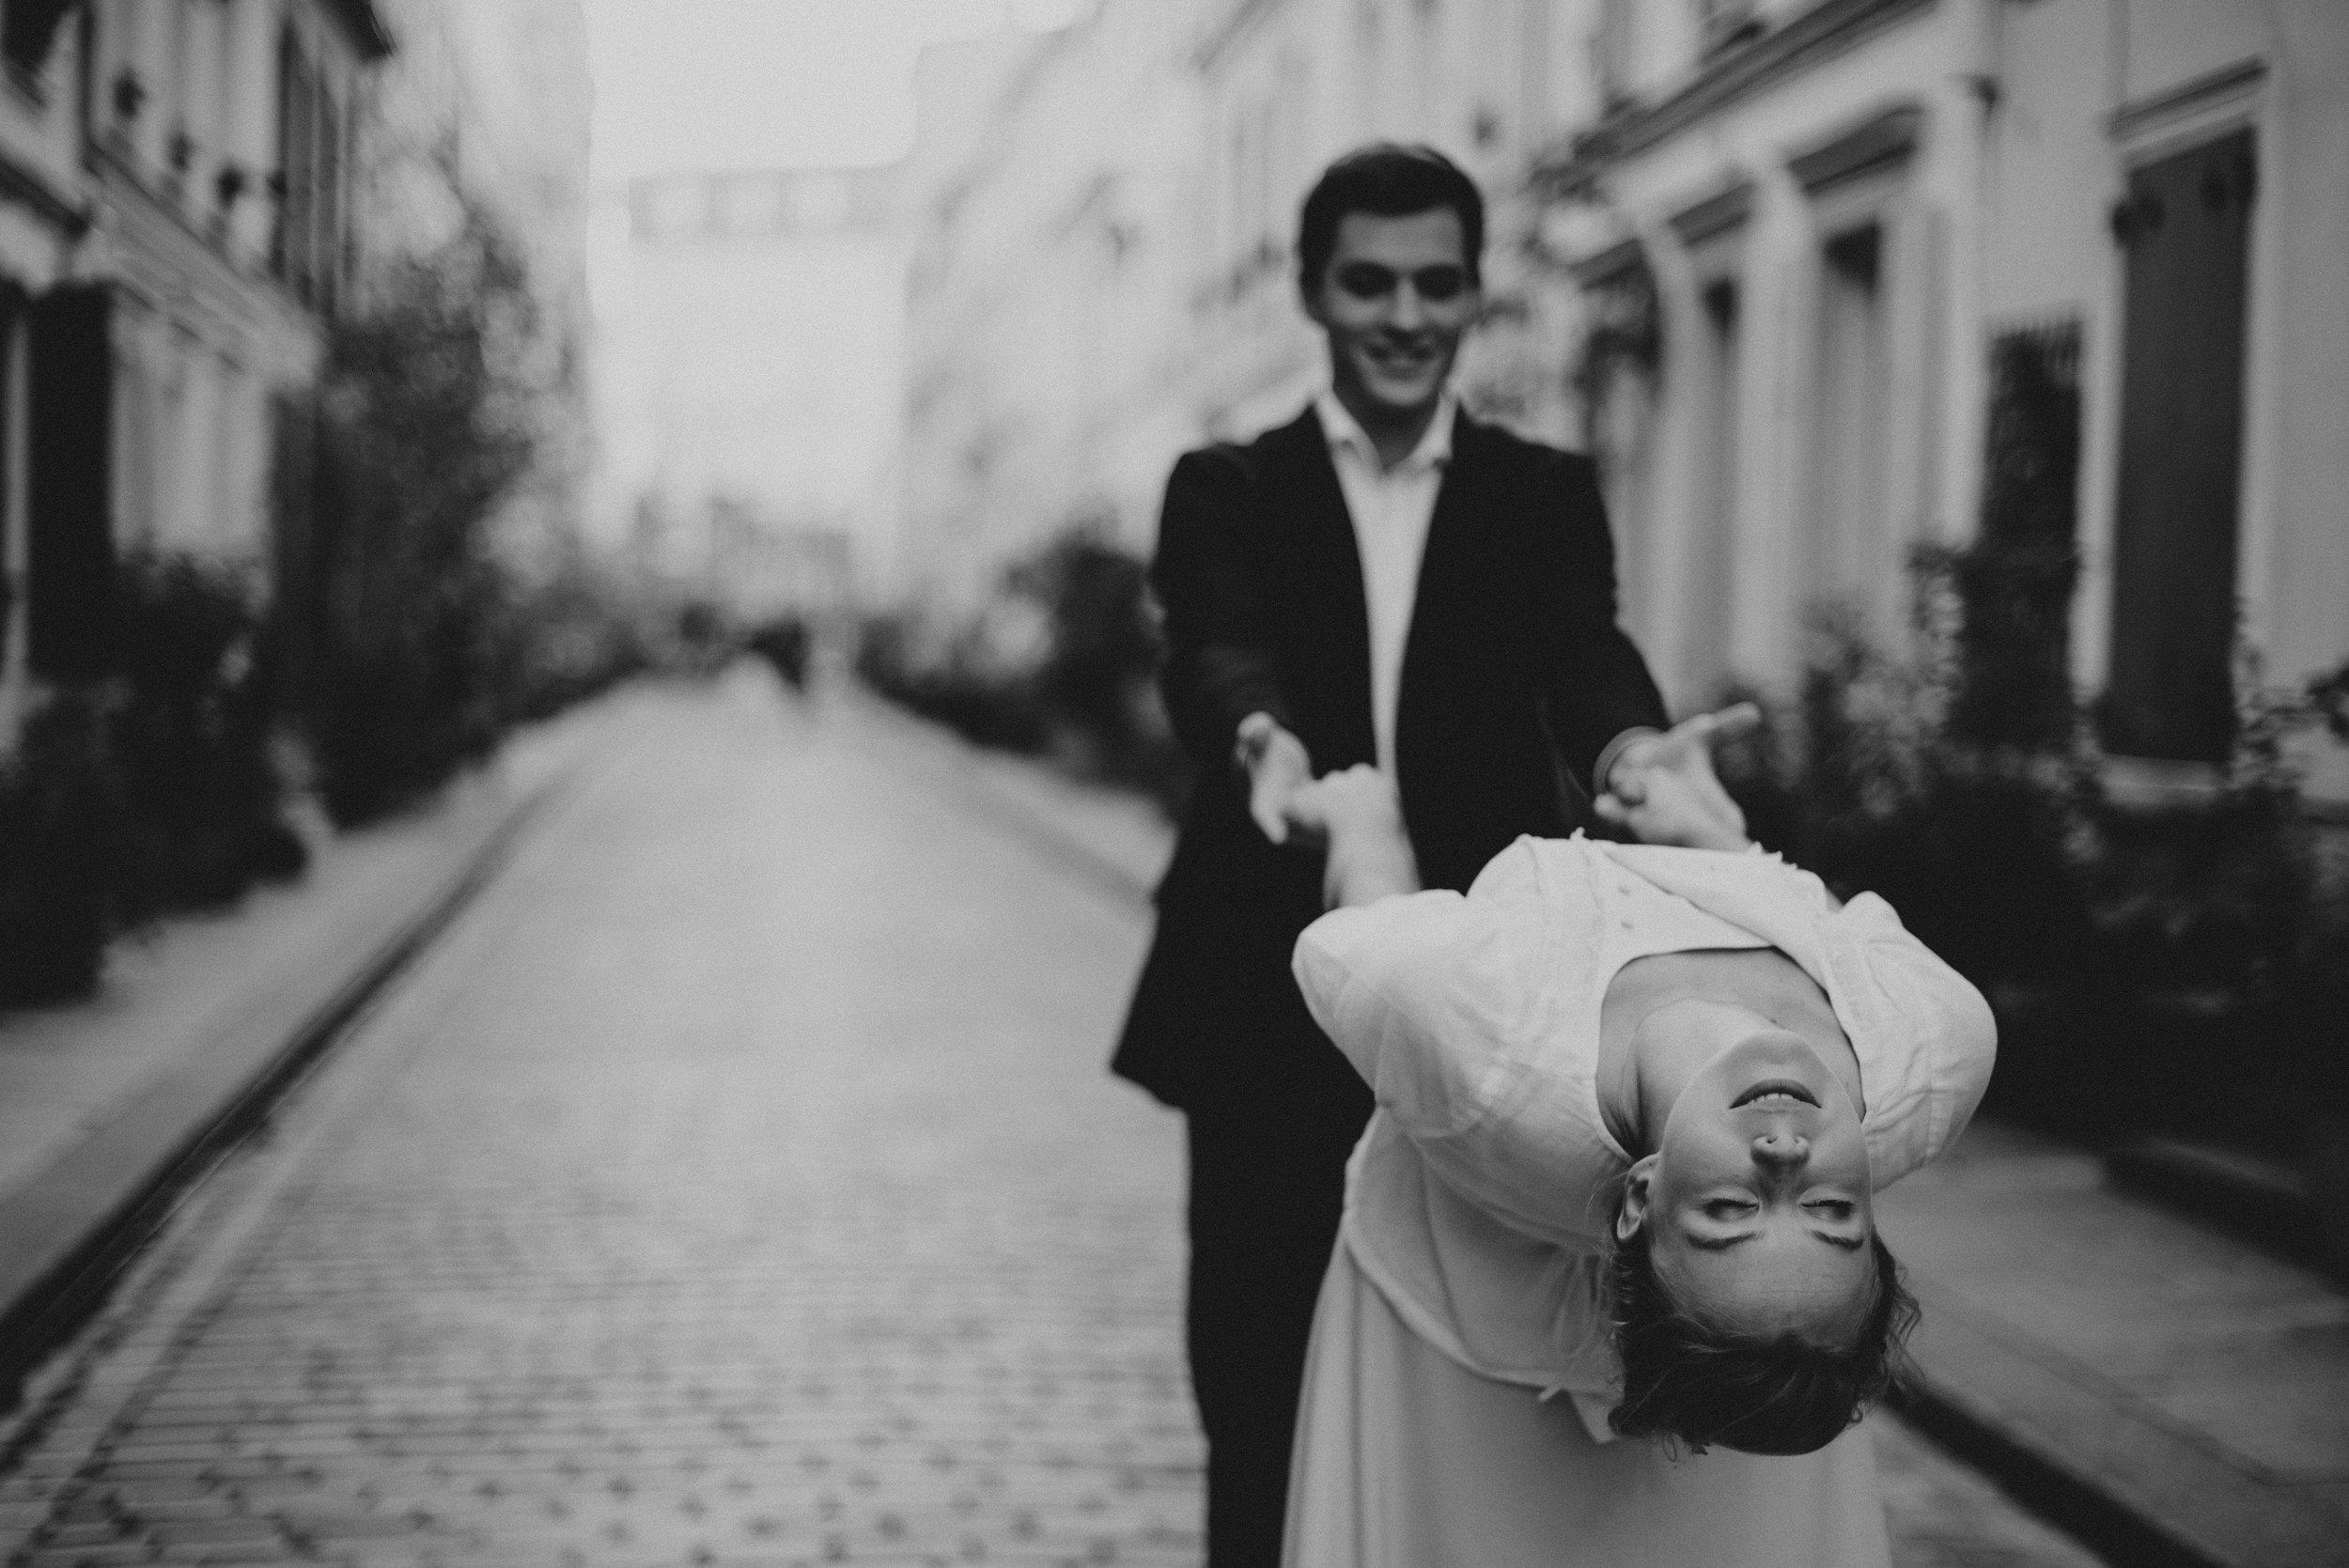 Léa-Fery-photographe-professionnel-lyon-rhone-alpes-portrait-creation-mariage-evenement-evenementiel-famille-2945.jpg